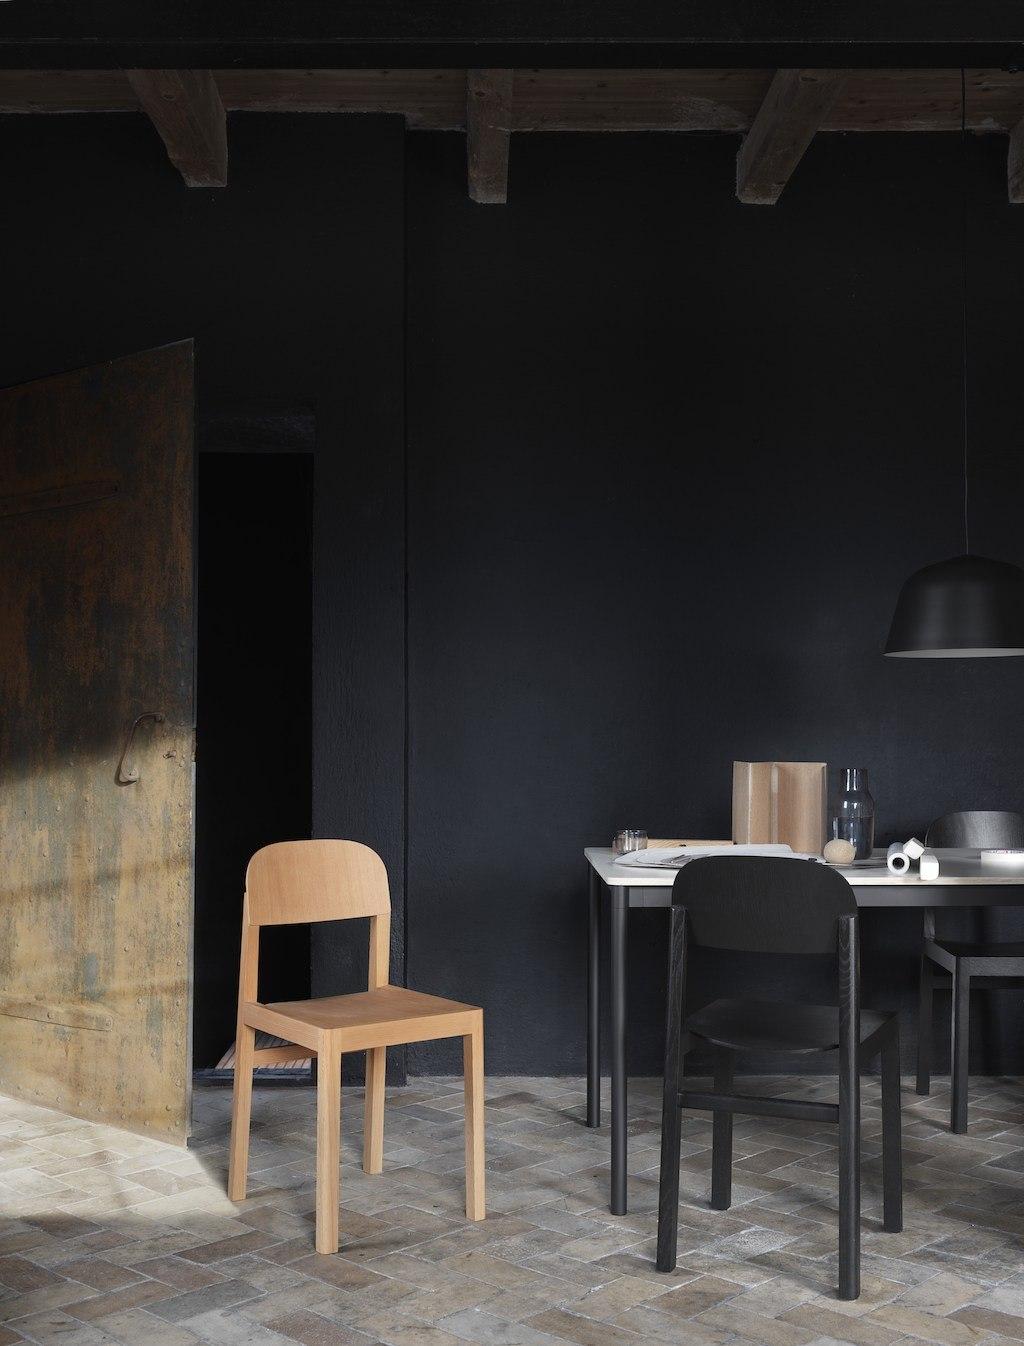 Designlieblinge: Workshop Chair von Muuto